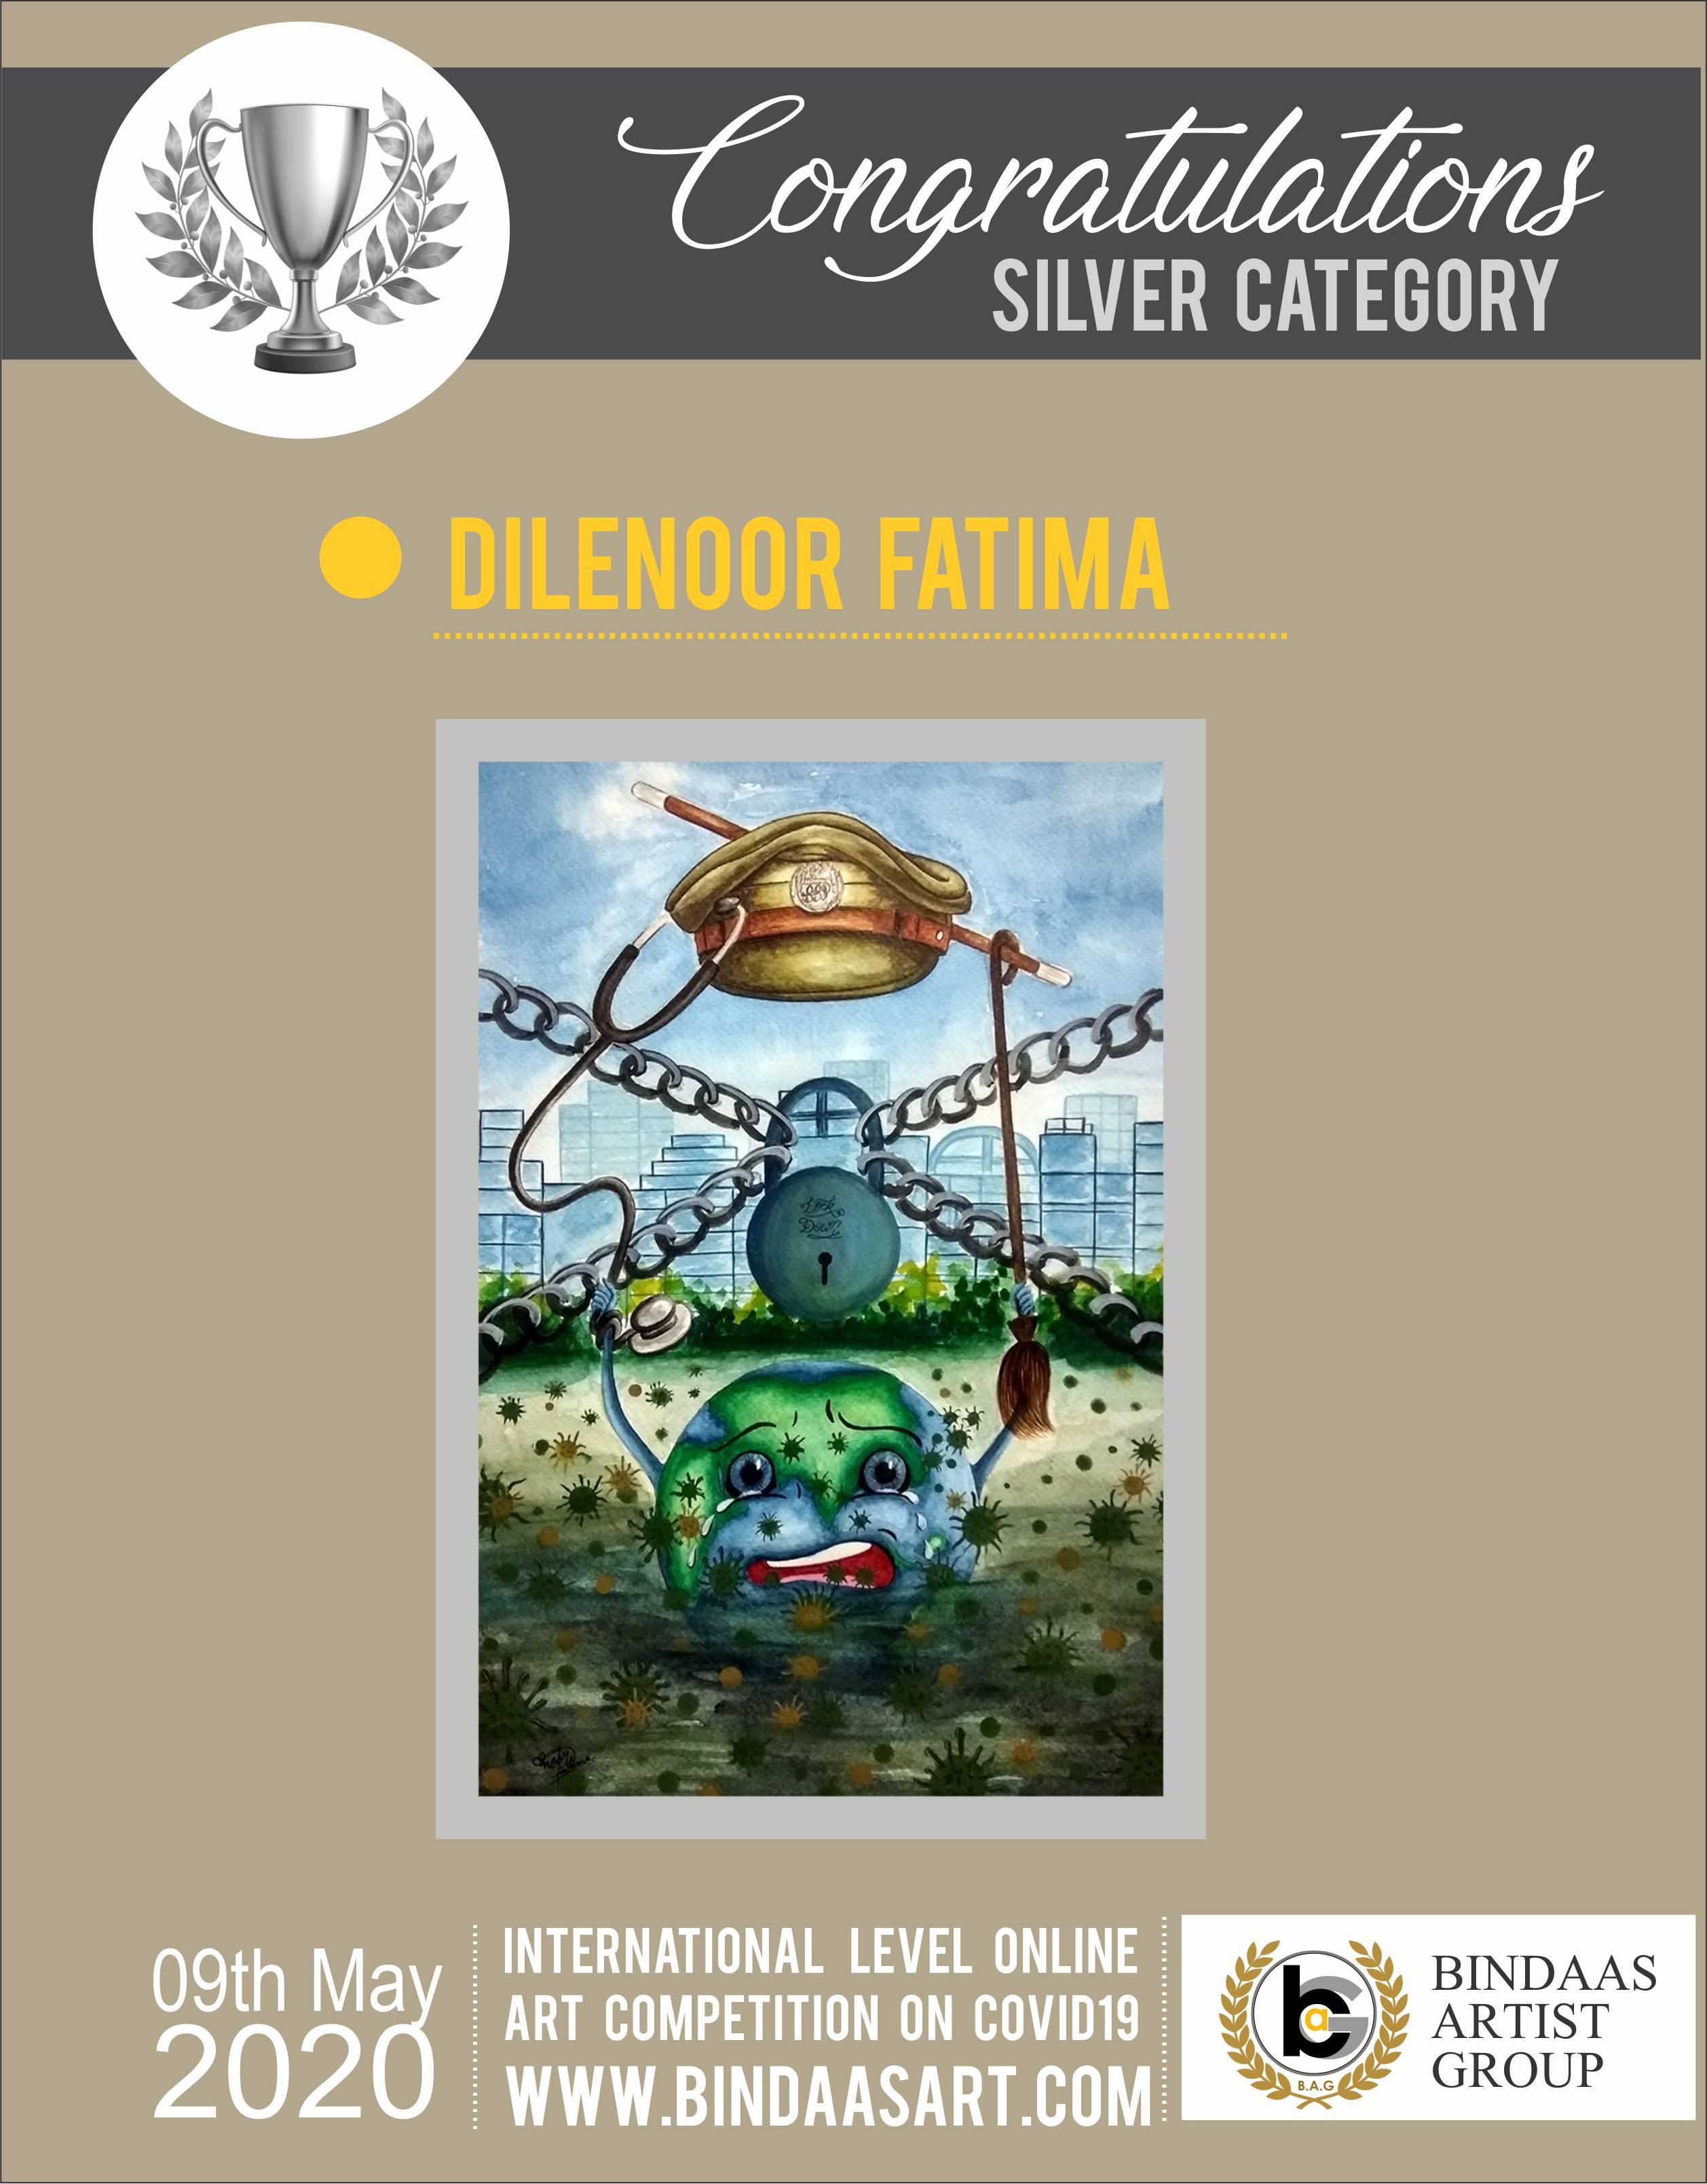 Dilenoor Fatima